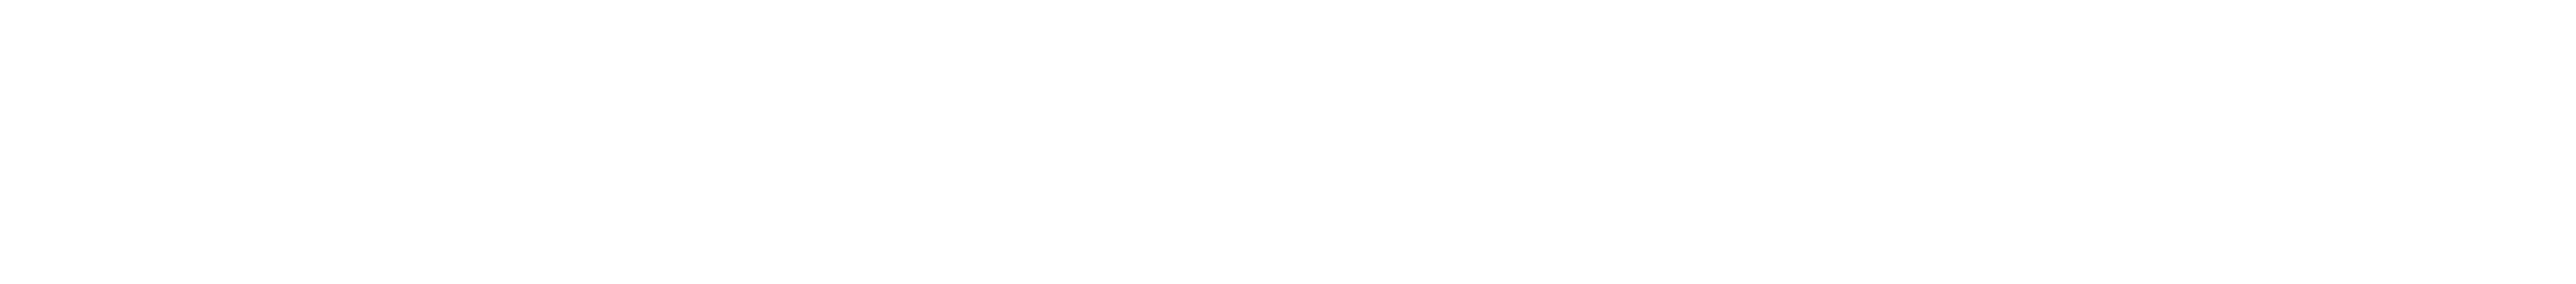 Tullpodden - en pod som ger dig svar på frågor inom tullområdet